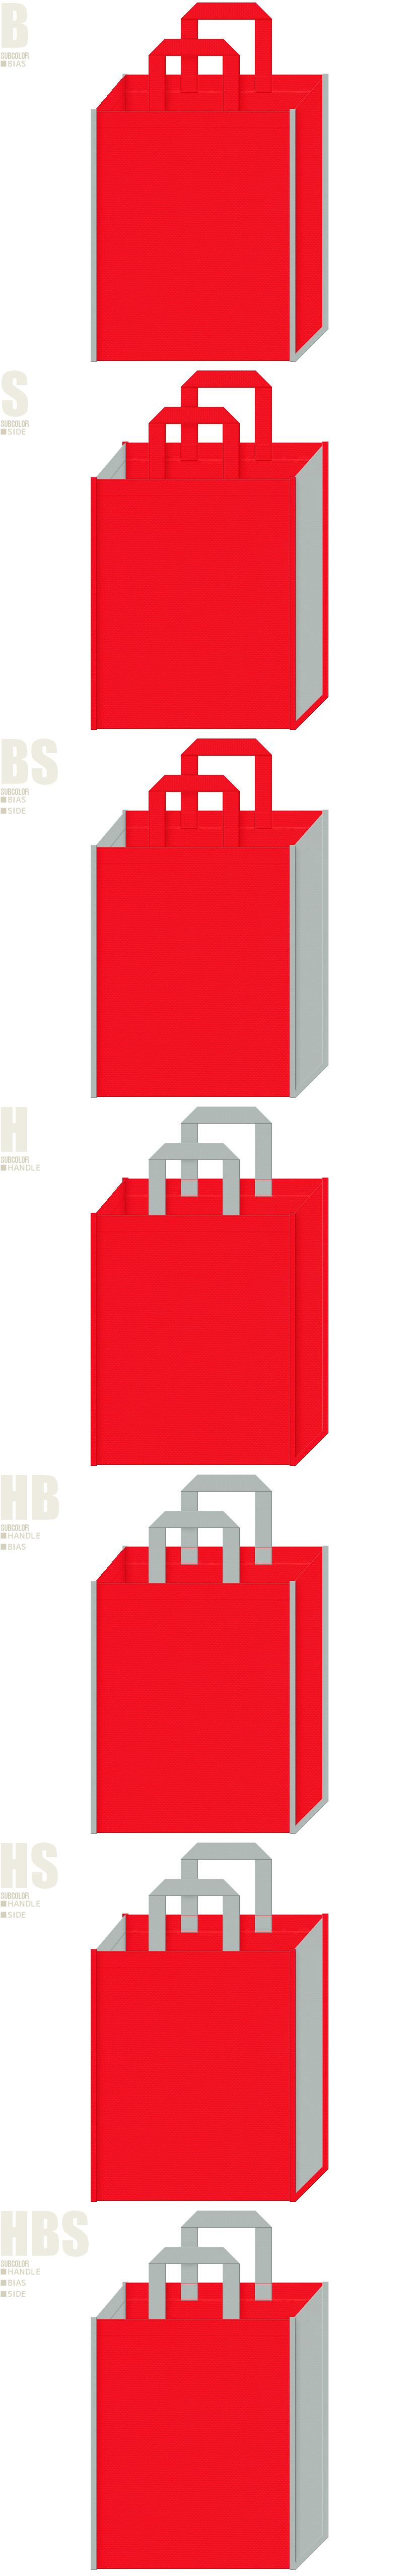 ロボット・ラジコン・プラモデル・ホビーの展示会用バッグにお奨めの不織布バッグデザイン:赤色とグレー色の配色7パターン